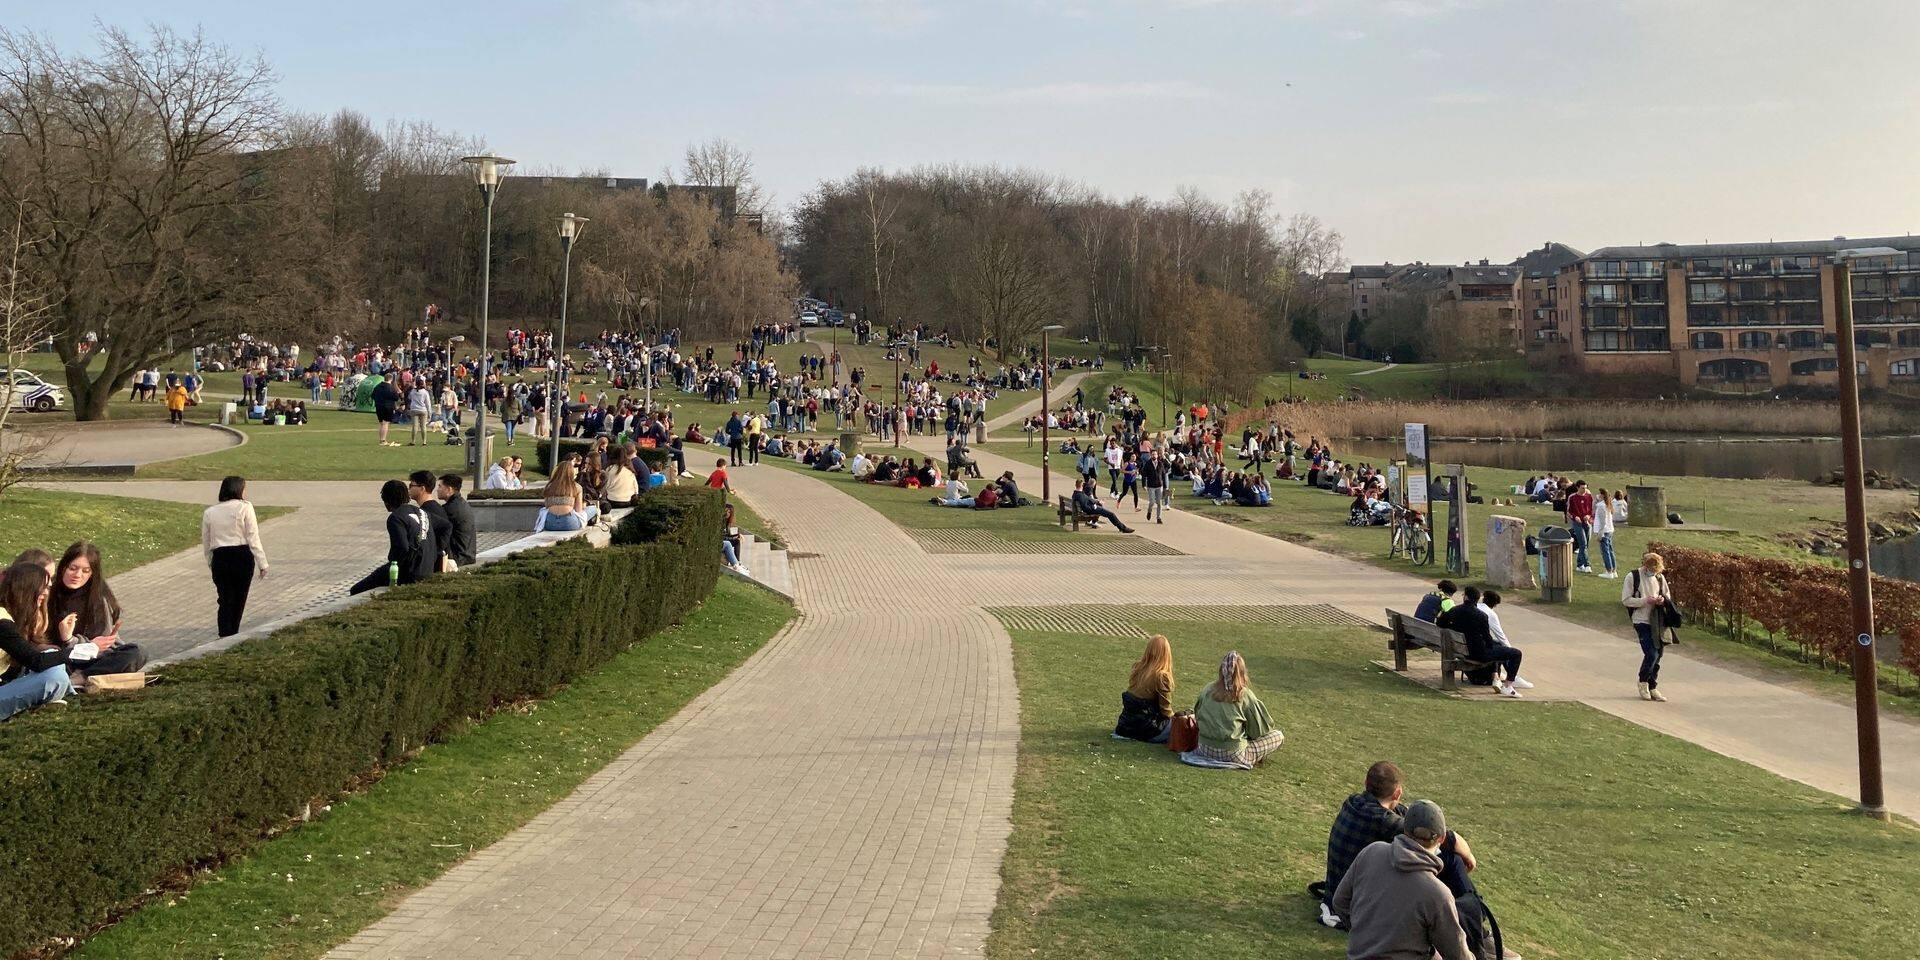 Rassemblements à Louvain-la-Neuve : la bourgmestre adresse une lettre aux étudiants après les débordements des derniers jours